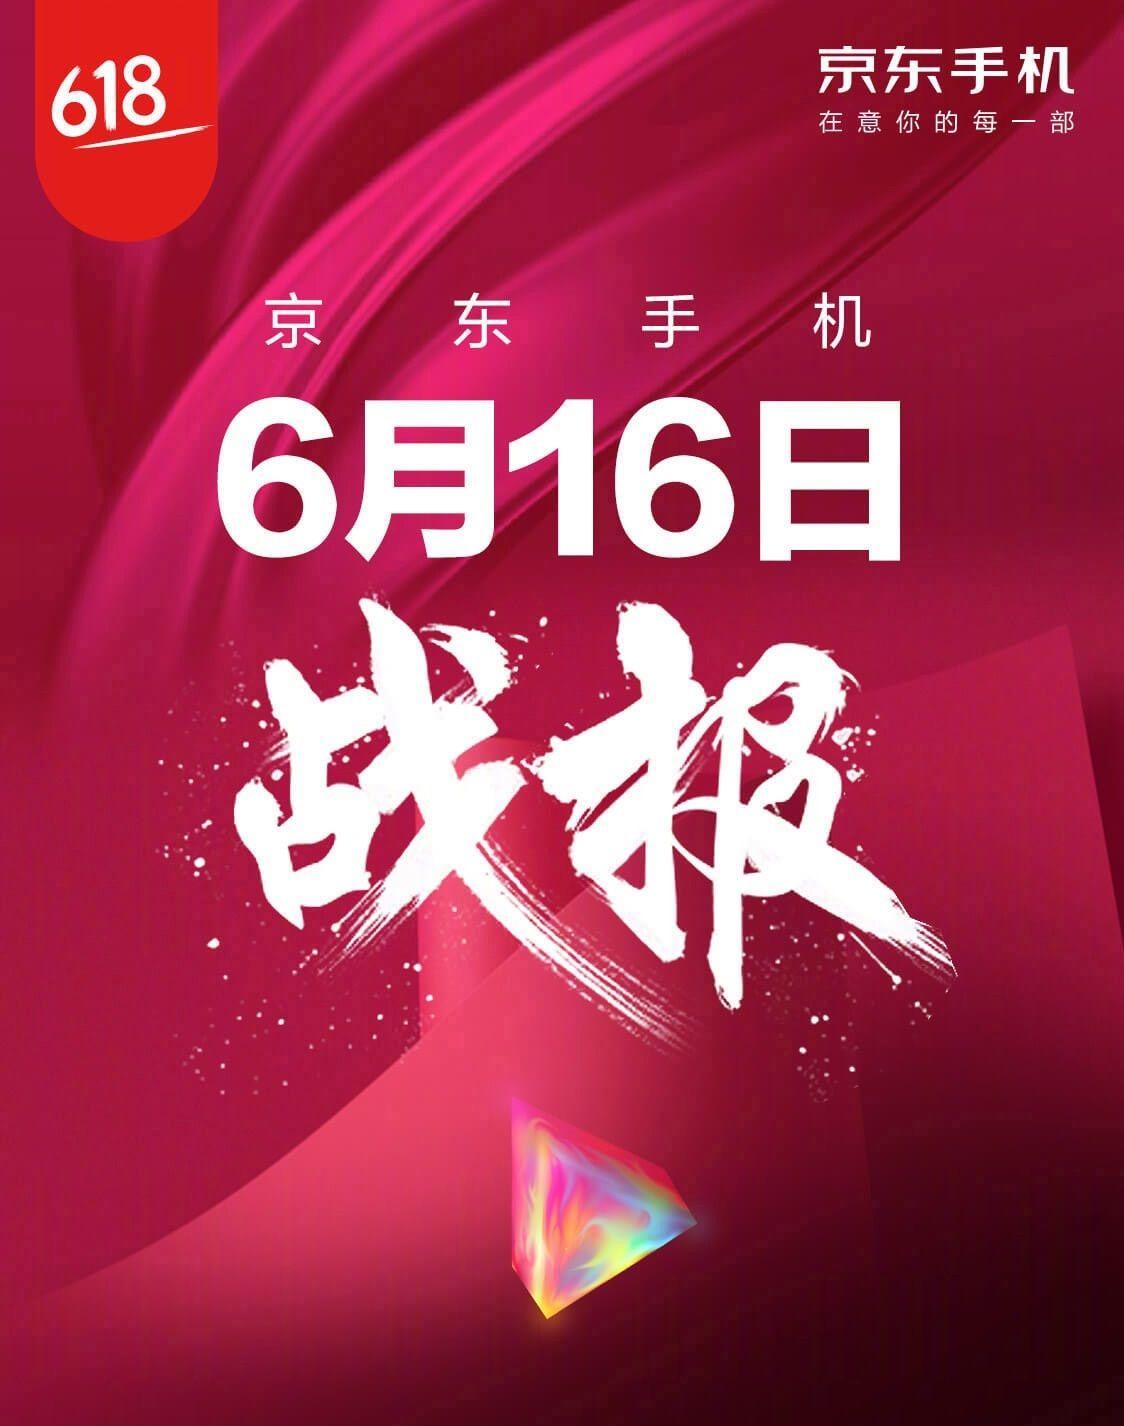 京東の「京東618(創業記念)セール」の16日目のランキングが公開。販売台数TOPはhonor